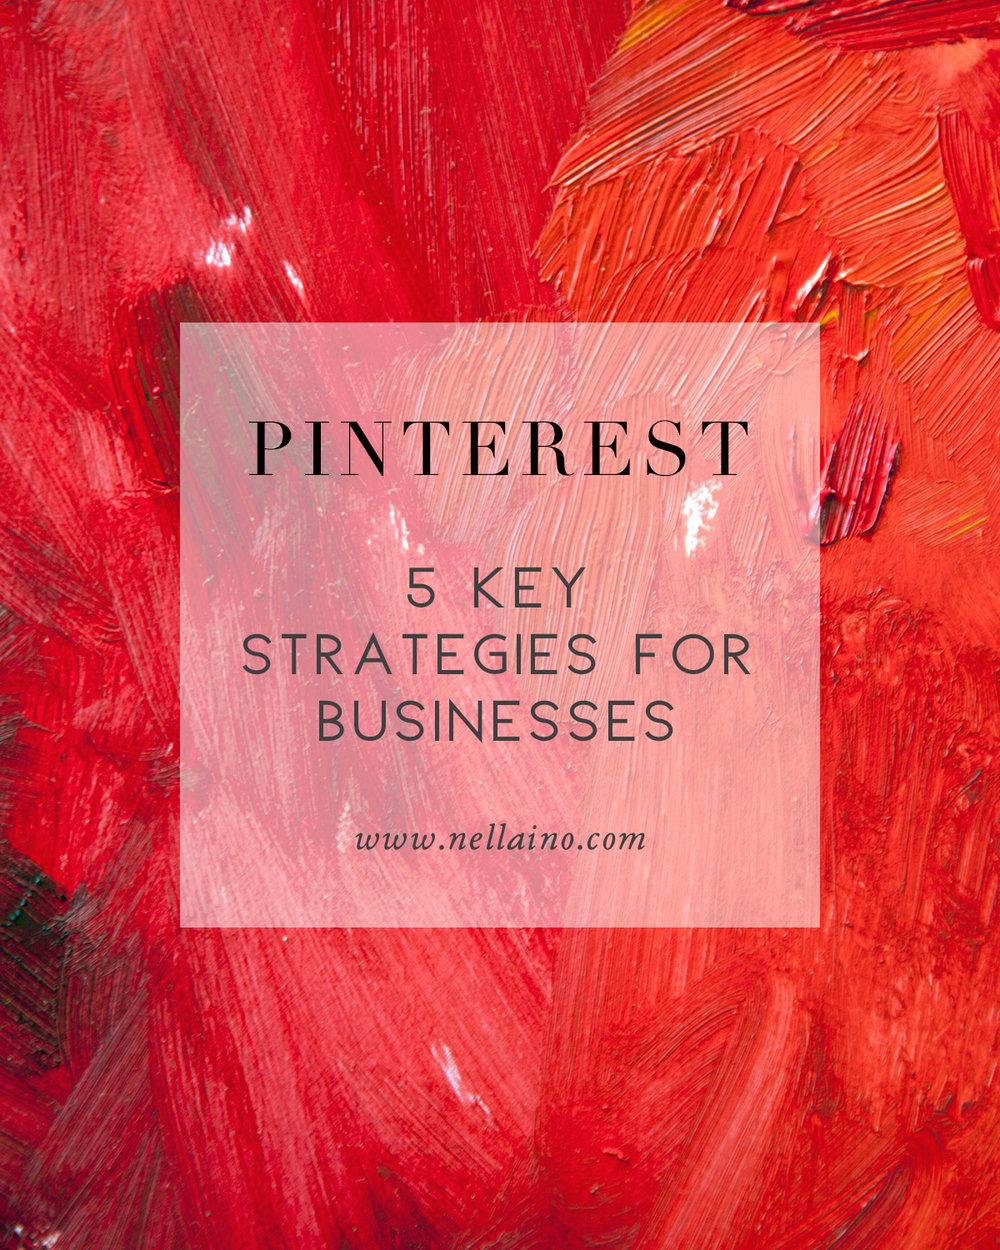 5-Key-Pinterest-Strategies-for-businesses.jpg